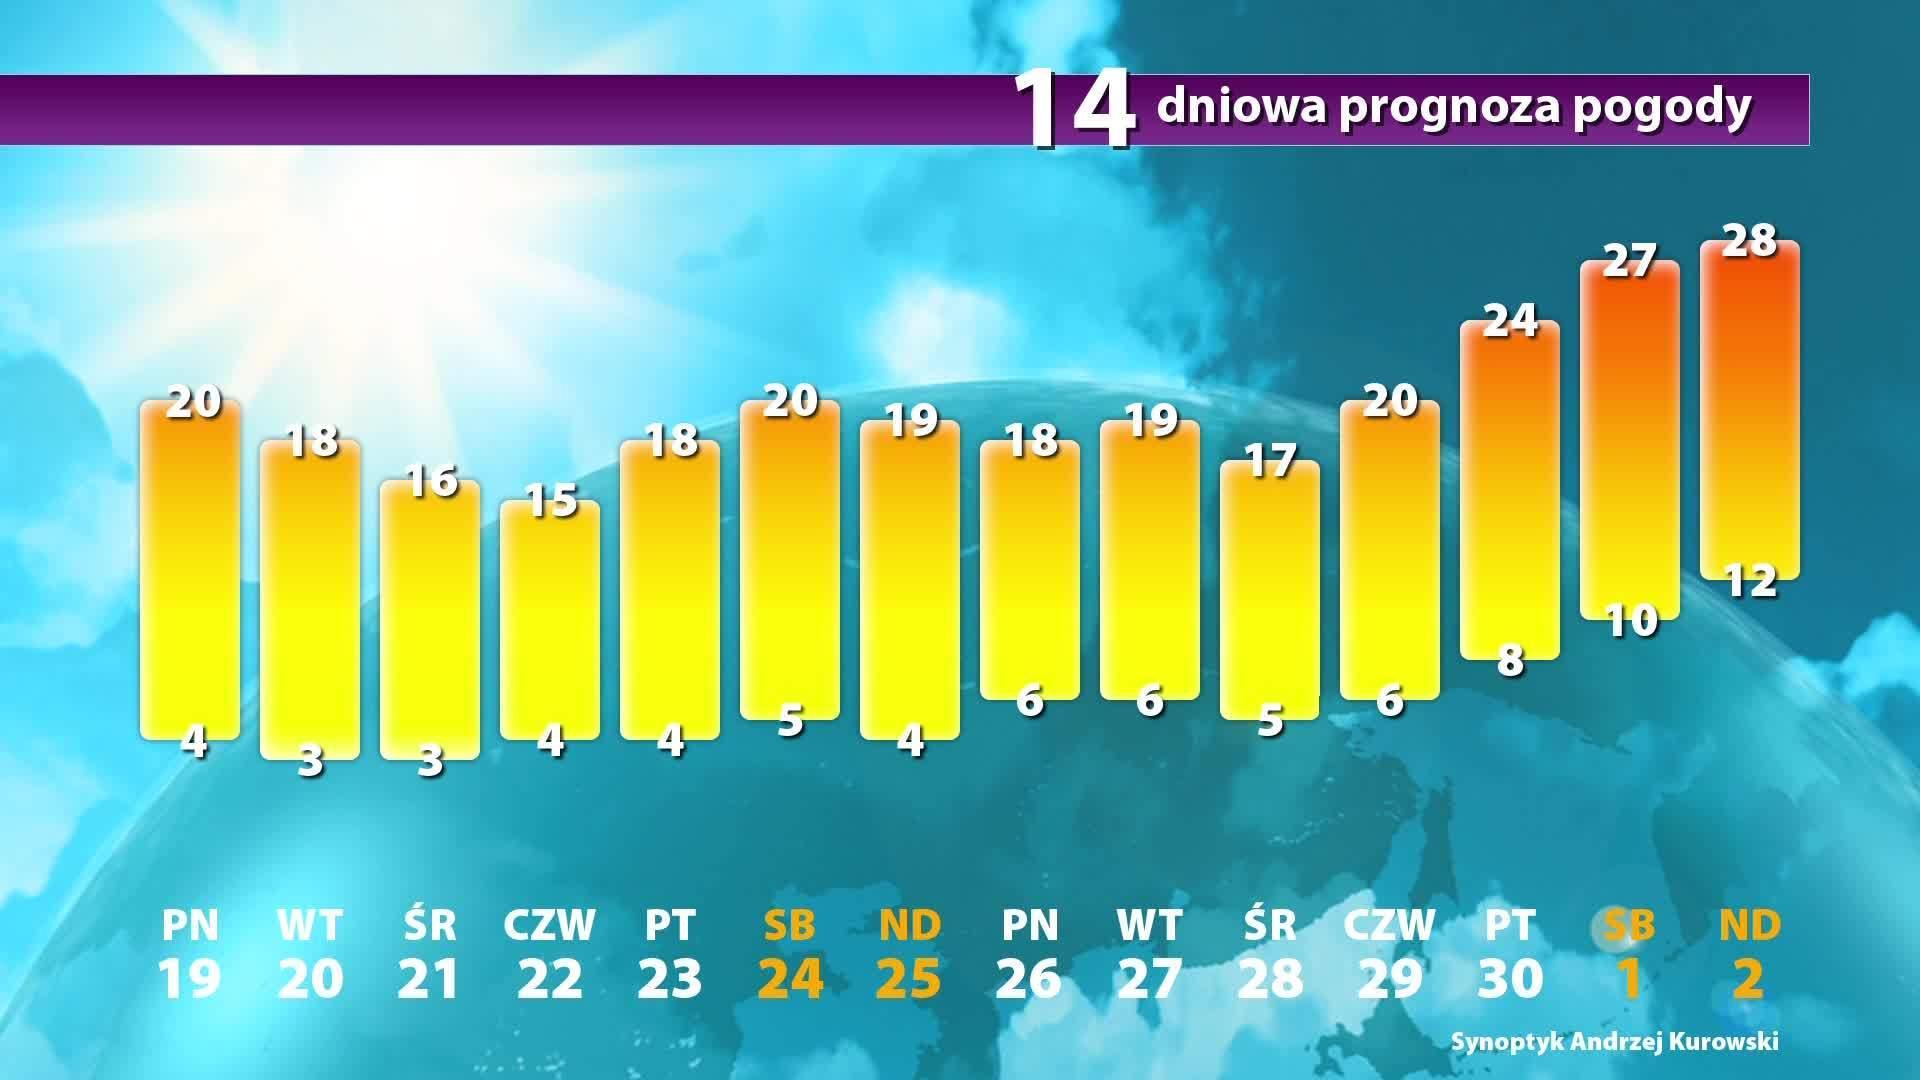 Pogoda Długoterminowa Prognoza Pogody Na 14 Dni Wiadomości